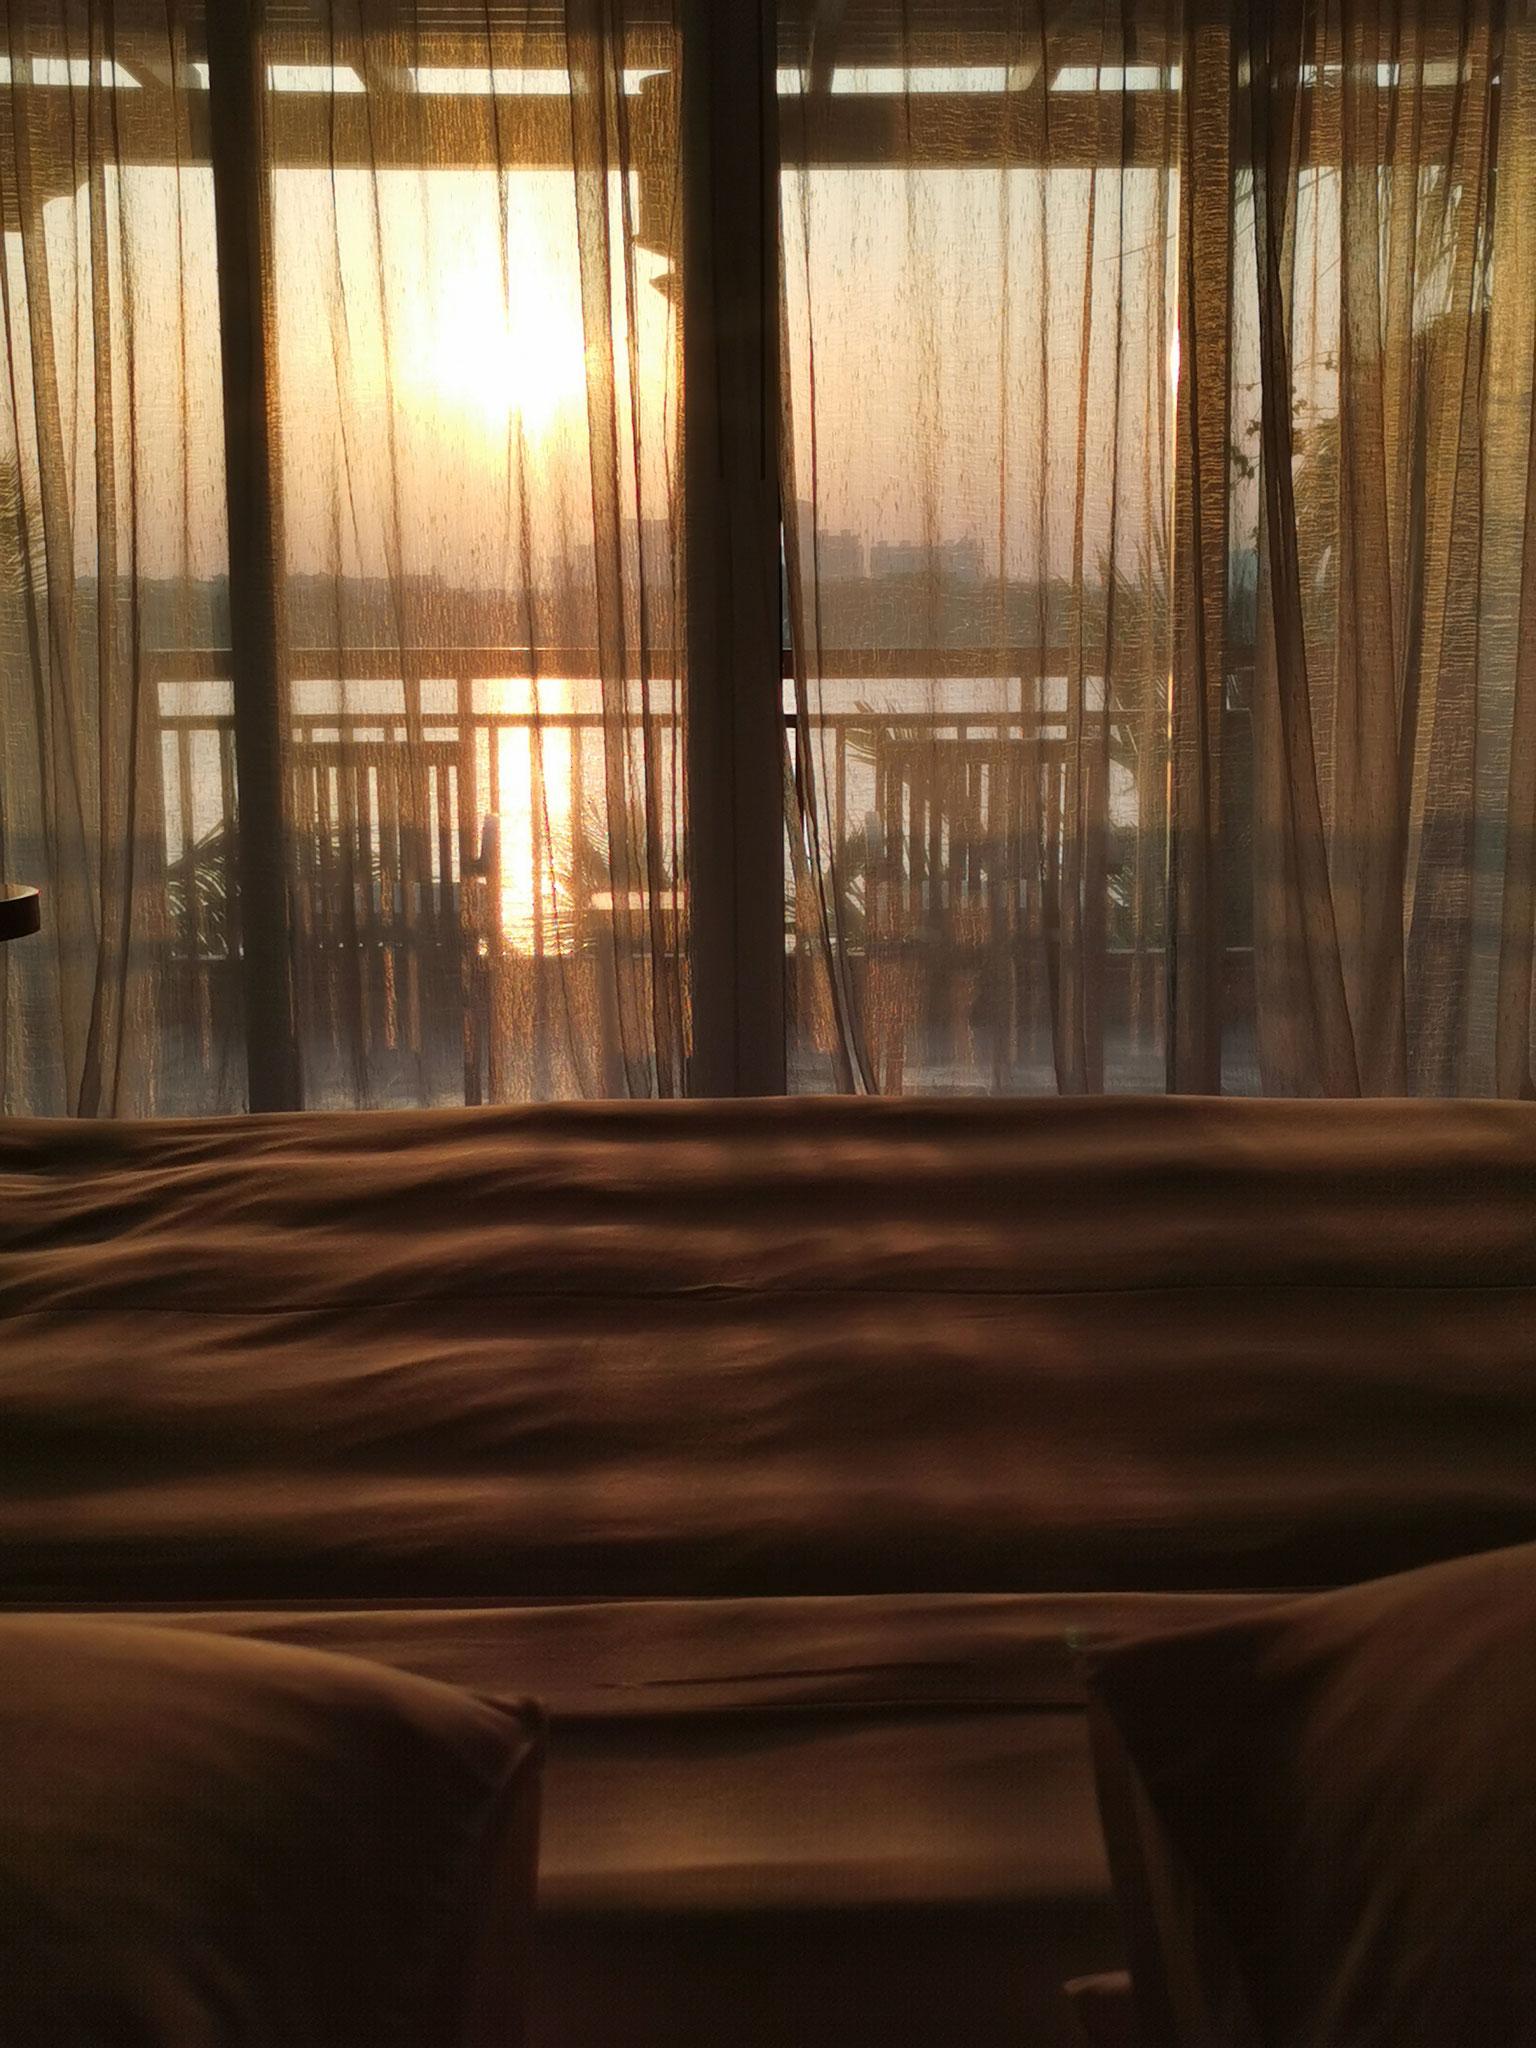 Ausblick zum Sonnenuntergang